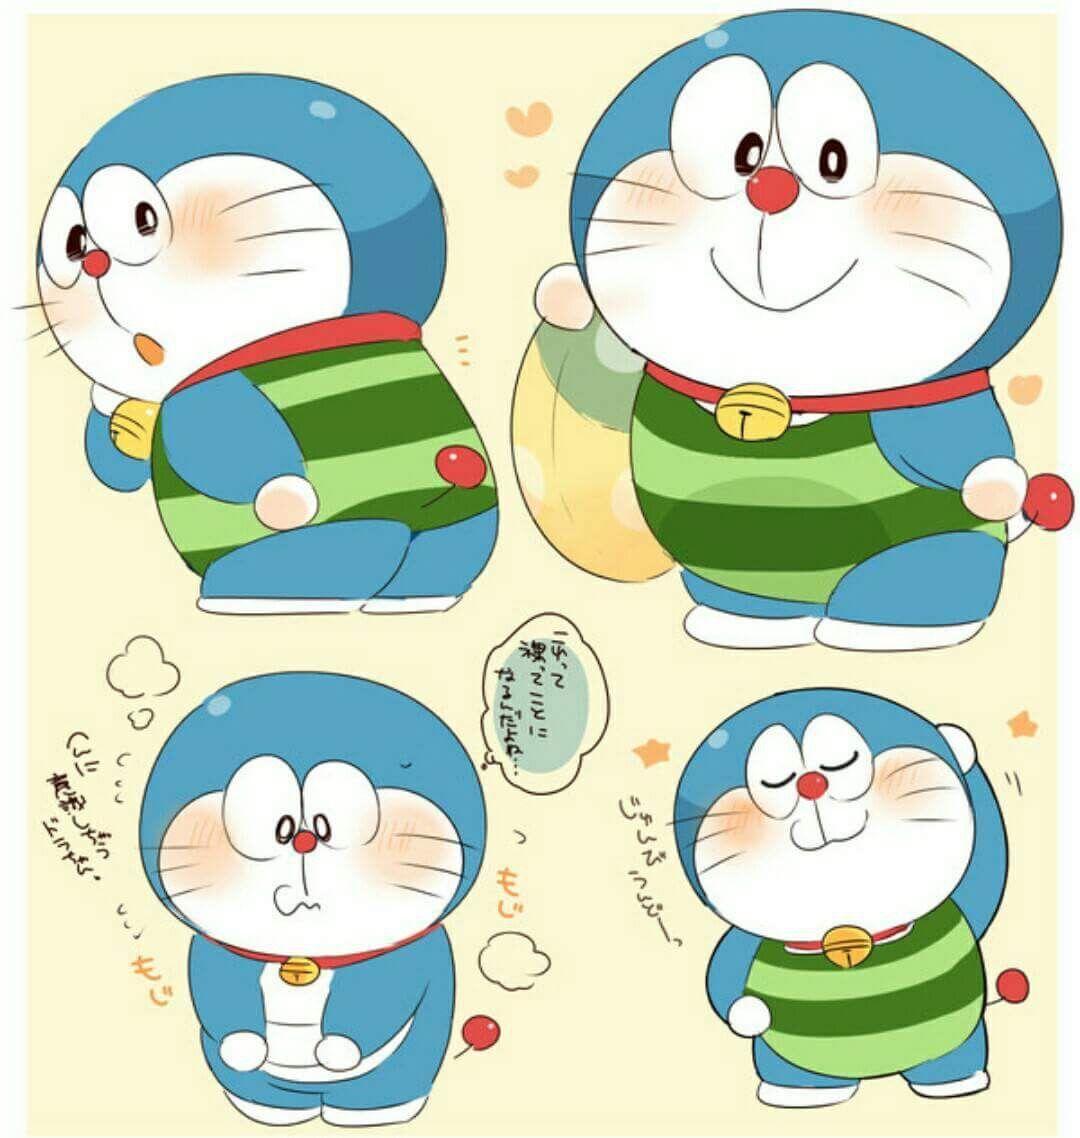 Doraemon Ảnh Hoạt Hình Chibi, Dễ Thương, Hoạt Họa, Anime, Gatos